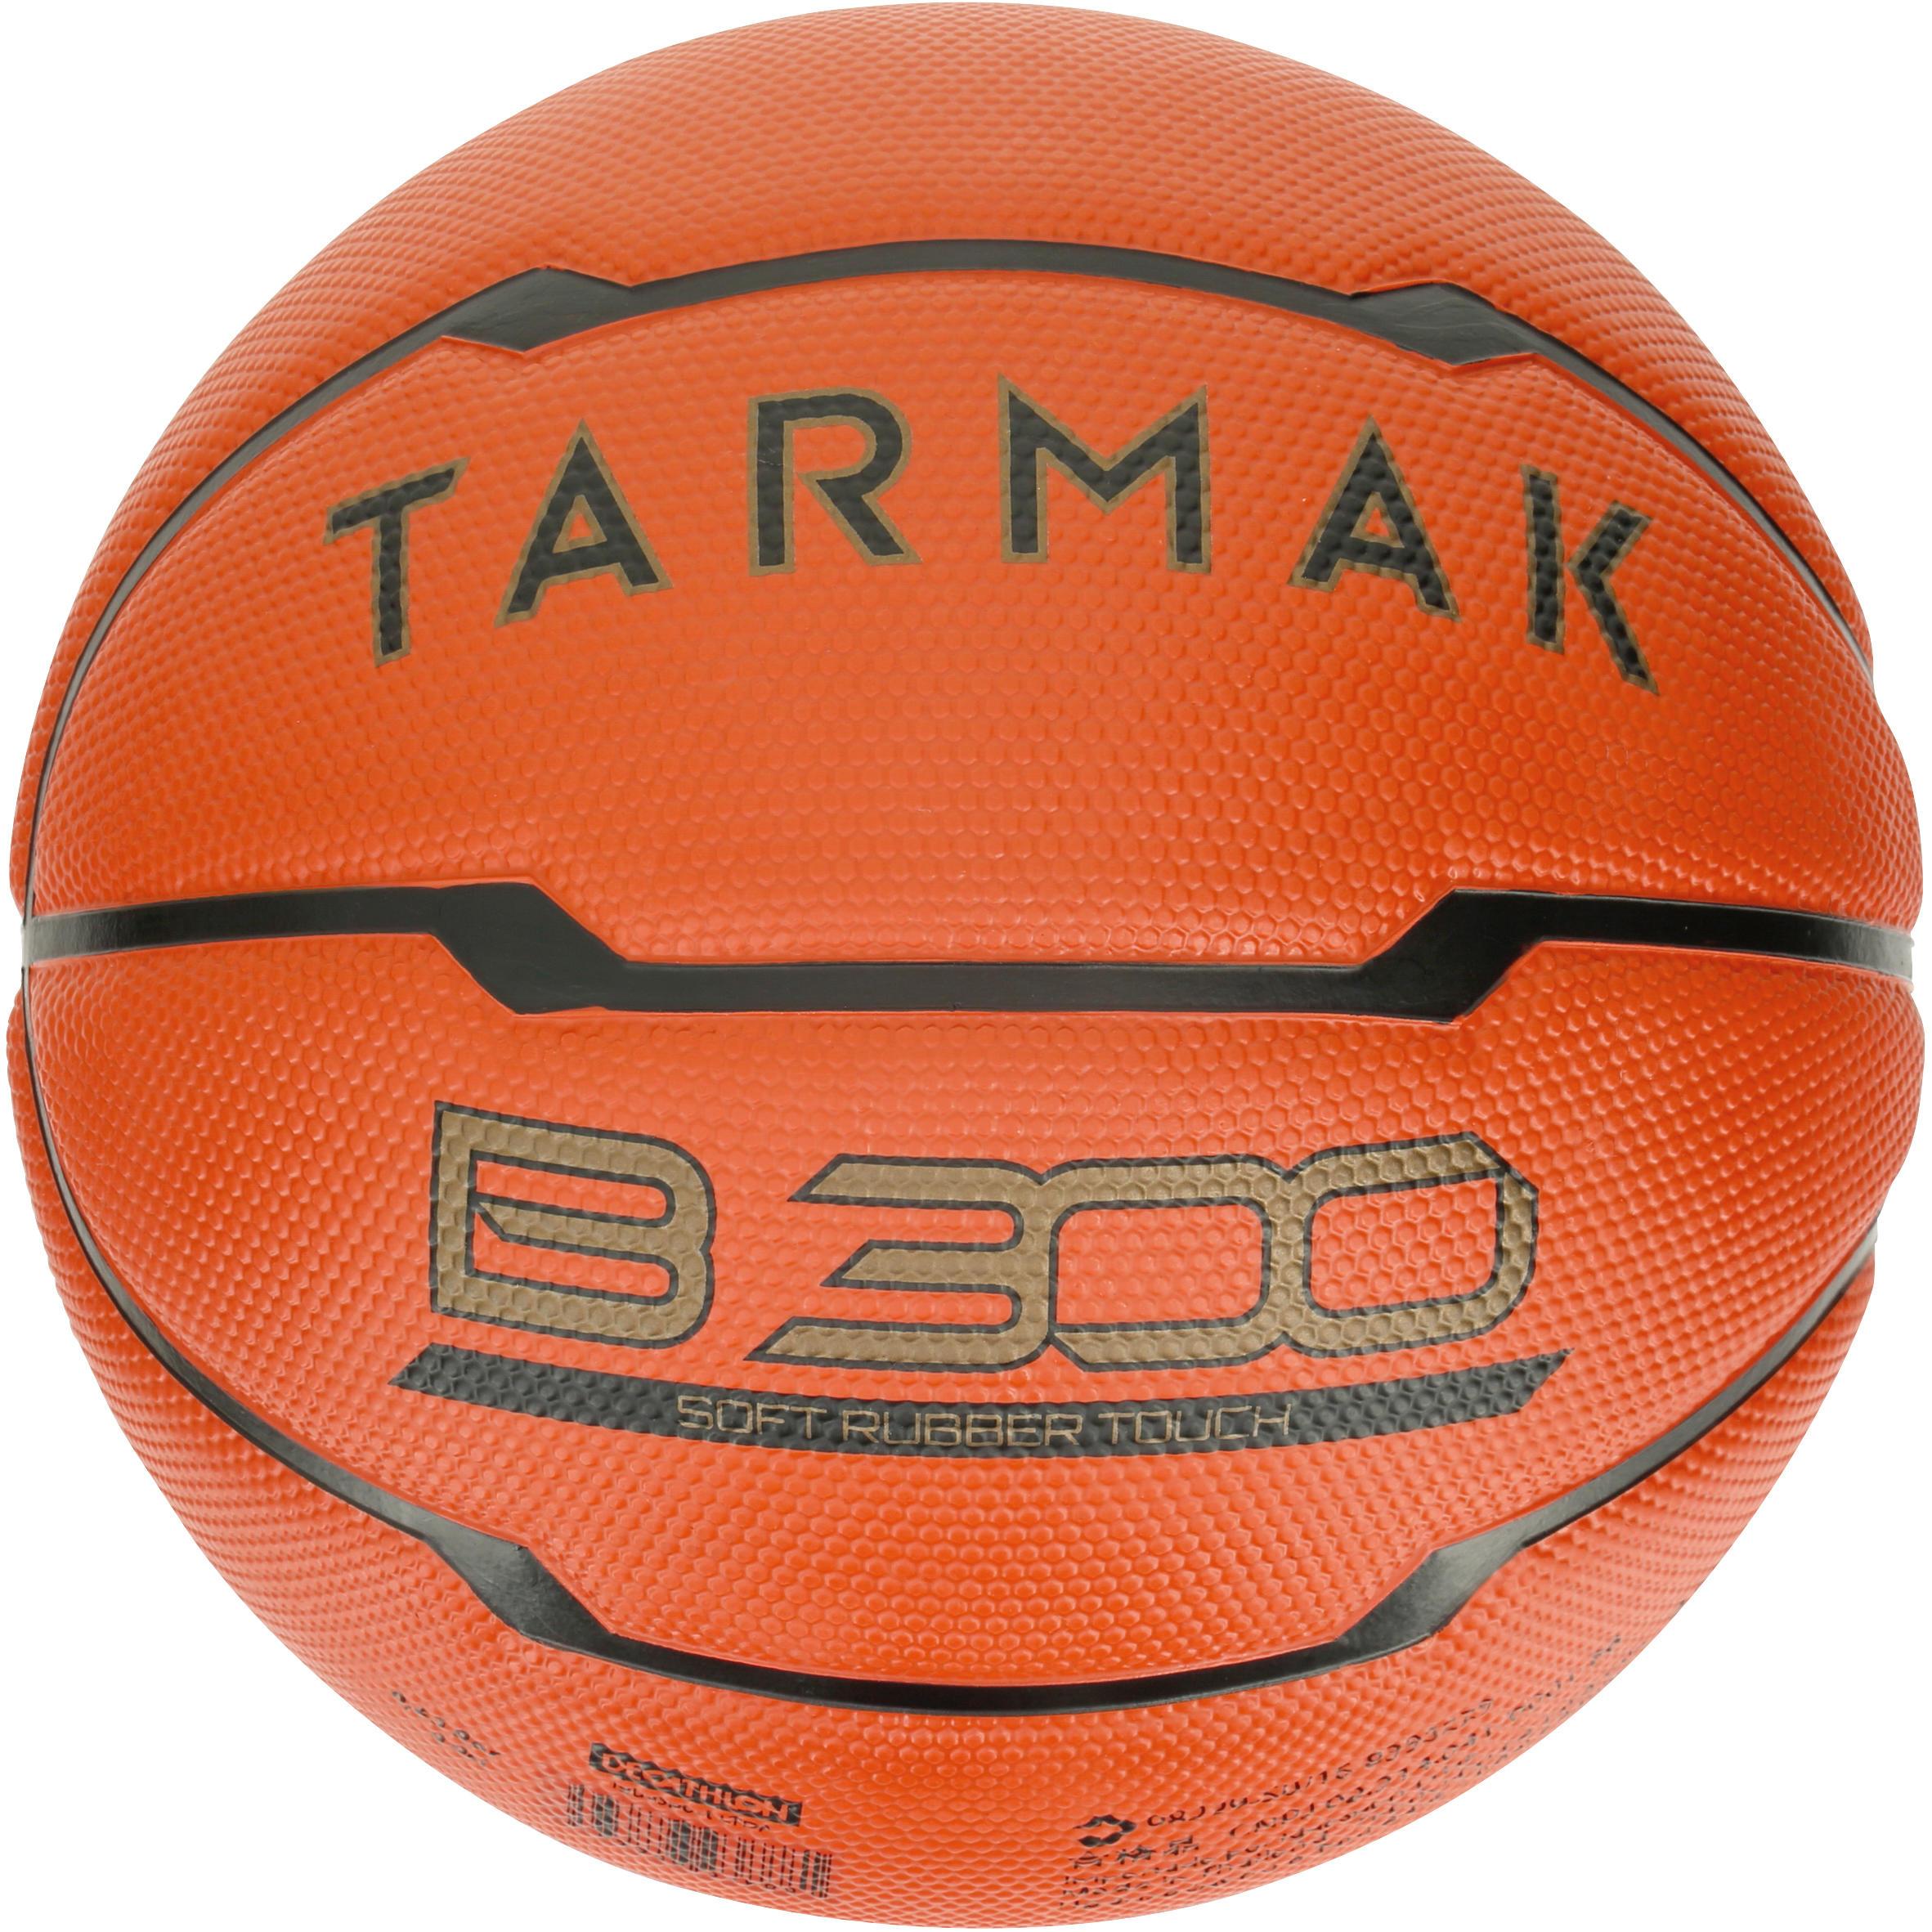 Tarmak Basketbal B300 maat 5 kinderen oranje. Voor beginners. Tot 10 jaar.